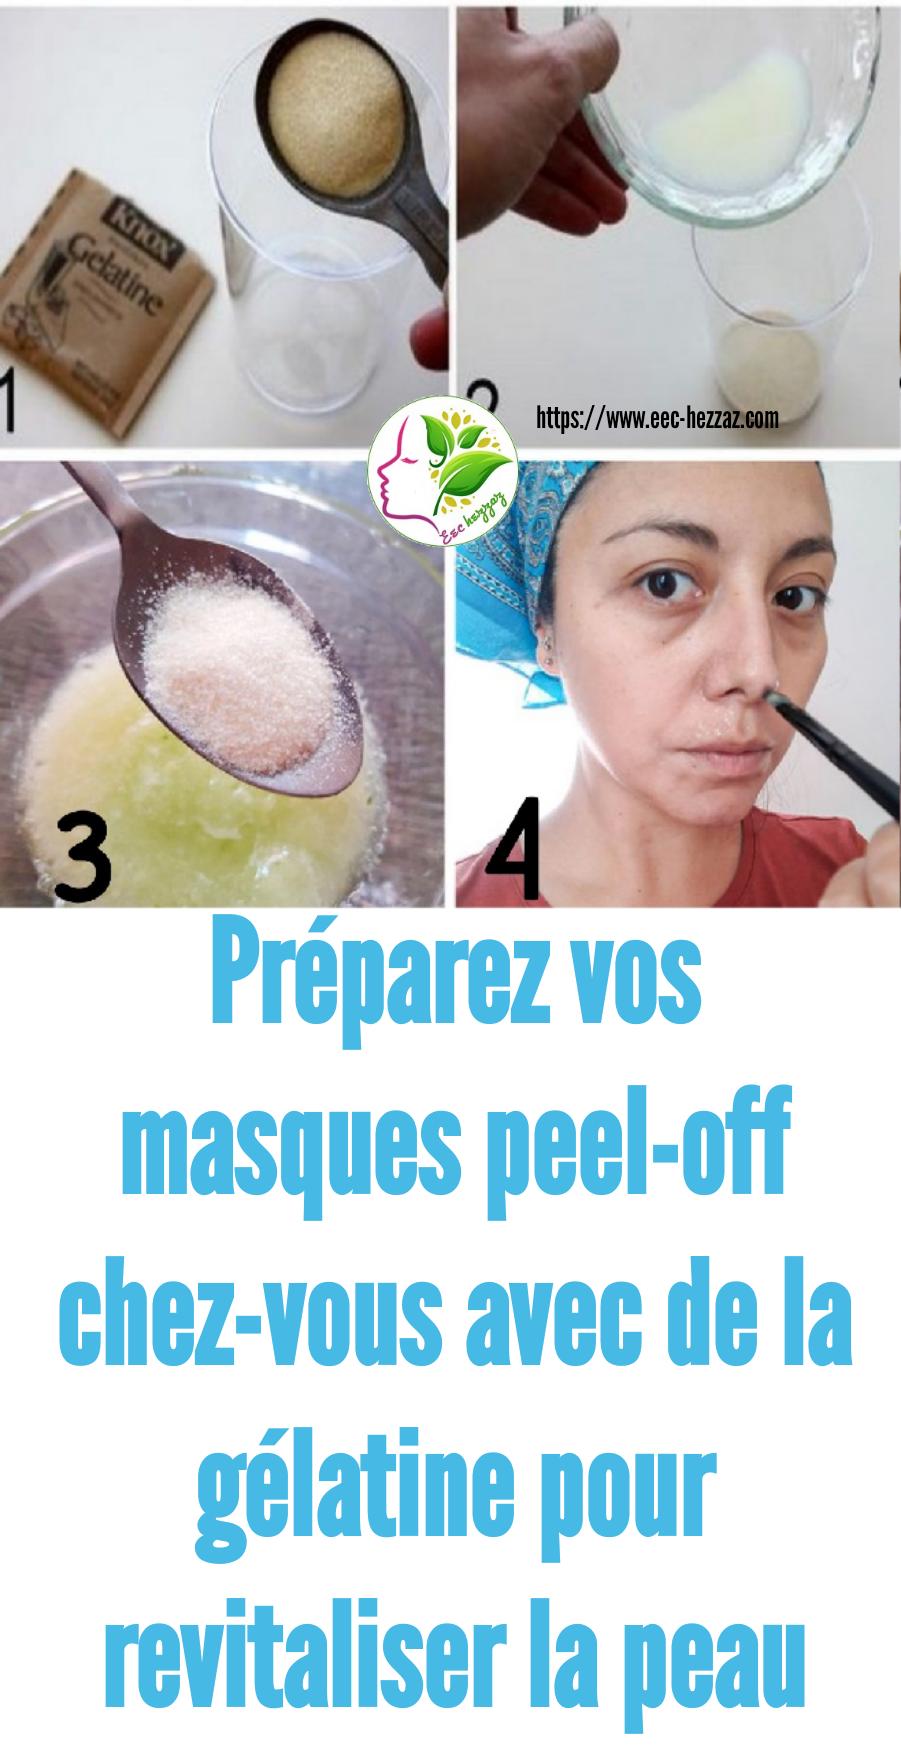 Préparez vos masques peel-off chez-vous avec de la gélatine pour revitaliser la peau